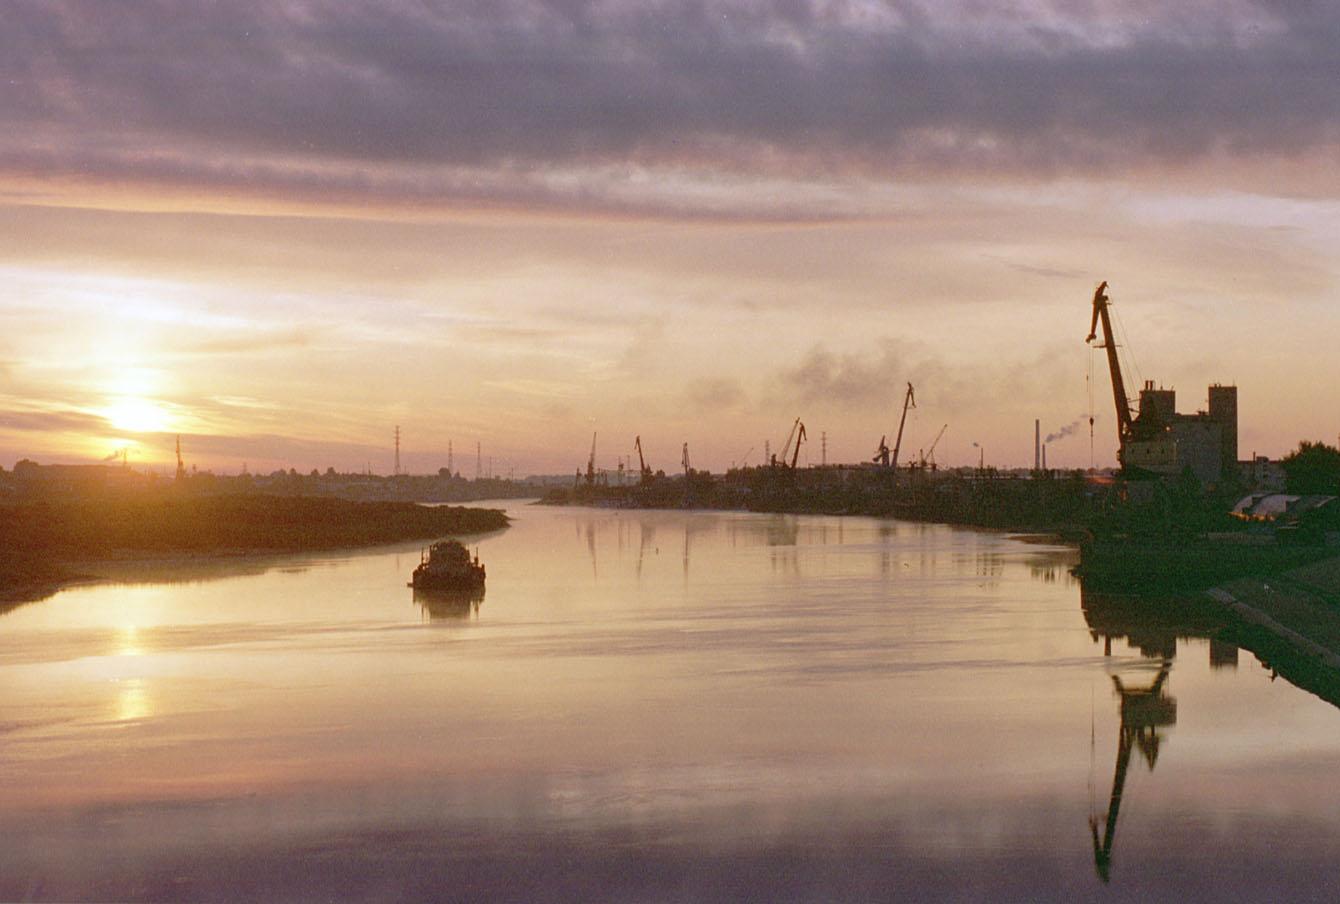 Тюменский речной порт, 1998 год.